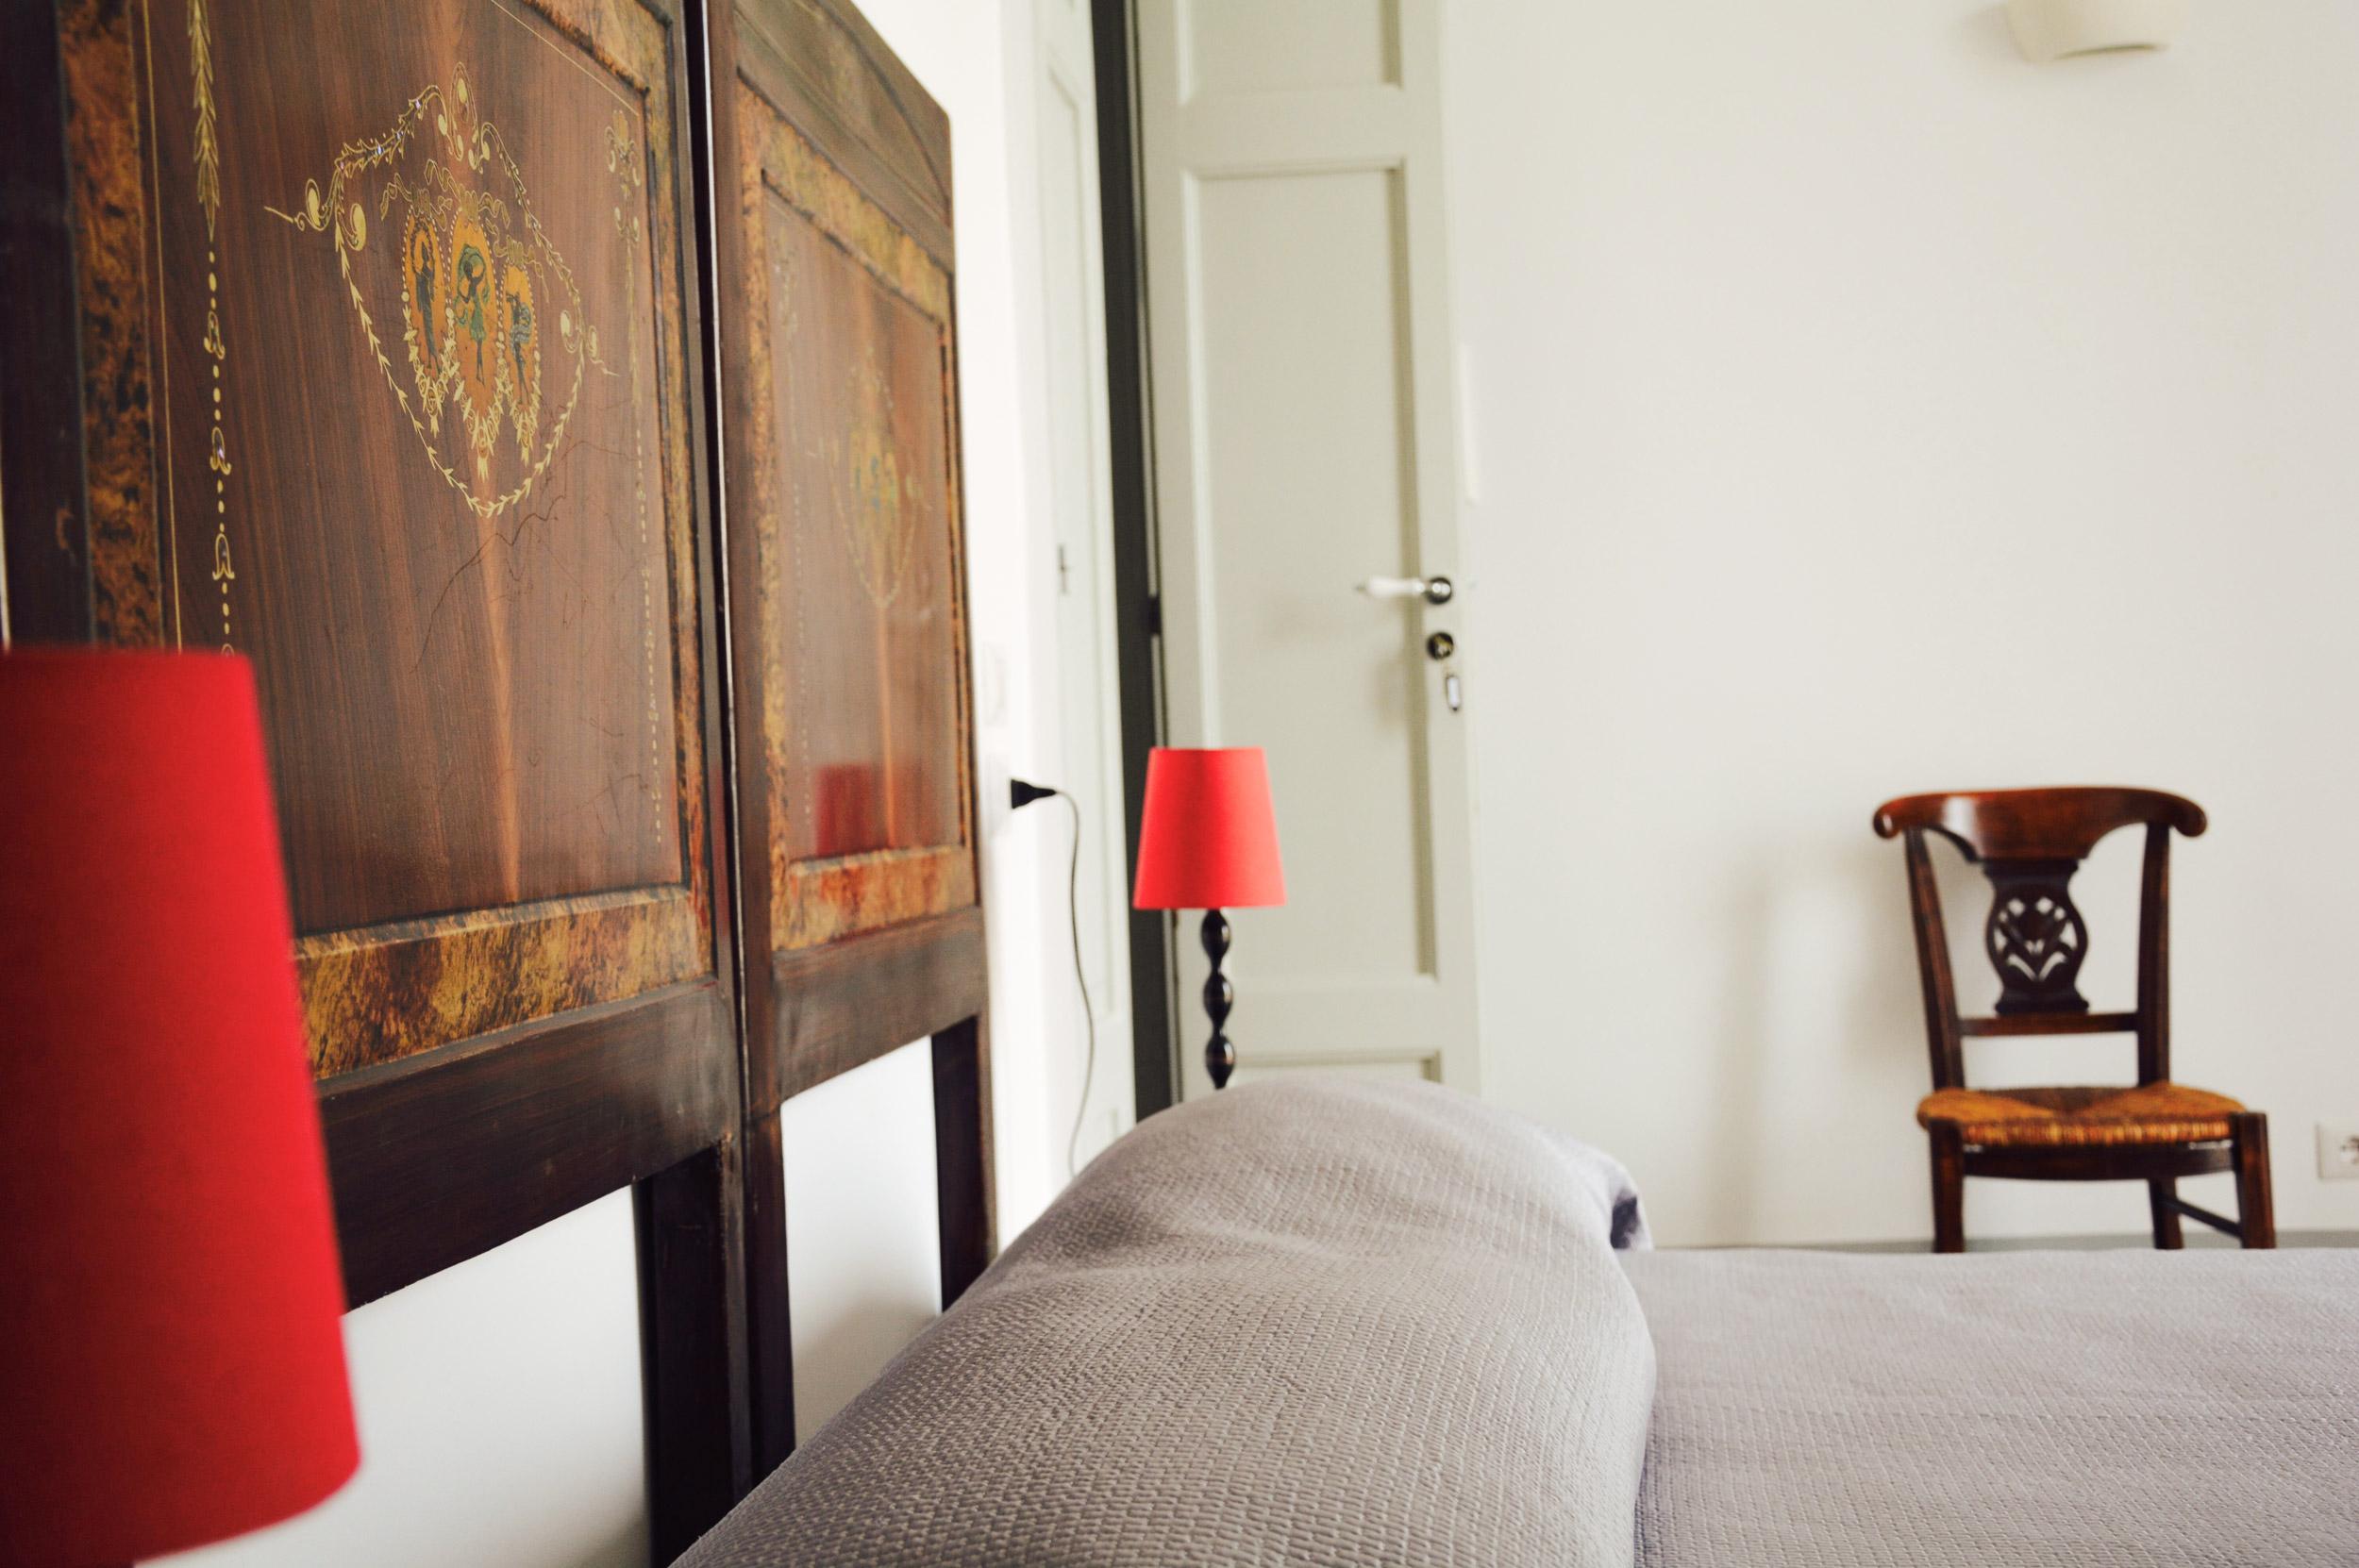 spalliera-letto-con-lampade-rosse